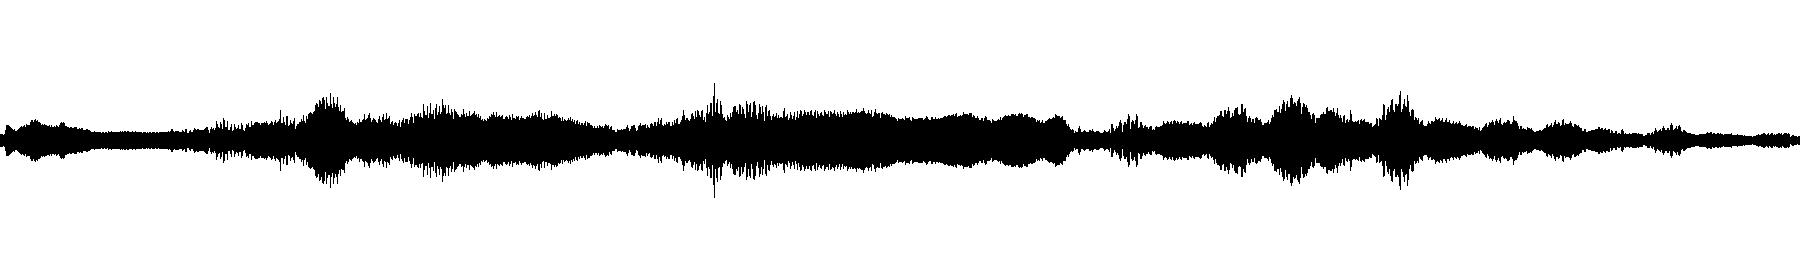 processed singing